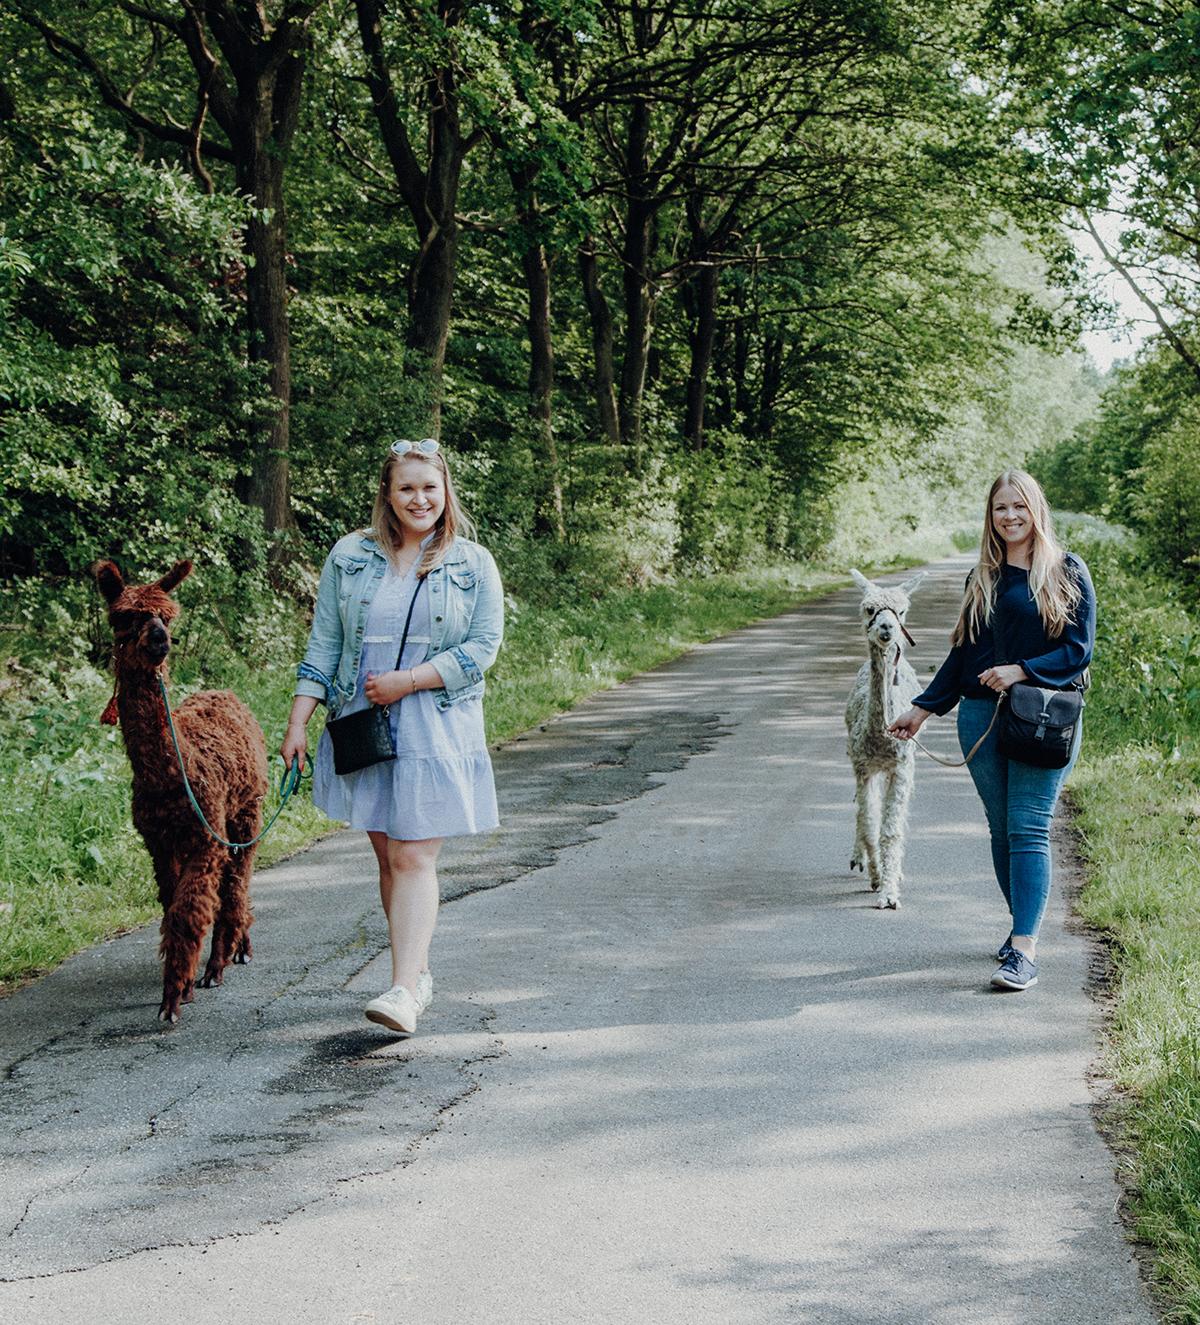 Ein Spaziergang mit Alpakas und Lamas in Schleswig-Holstein